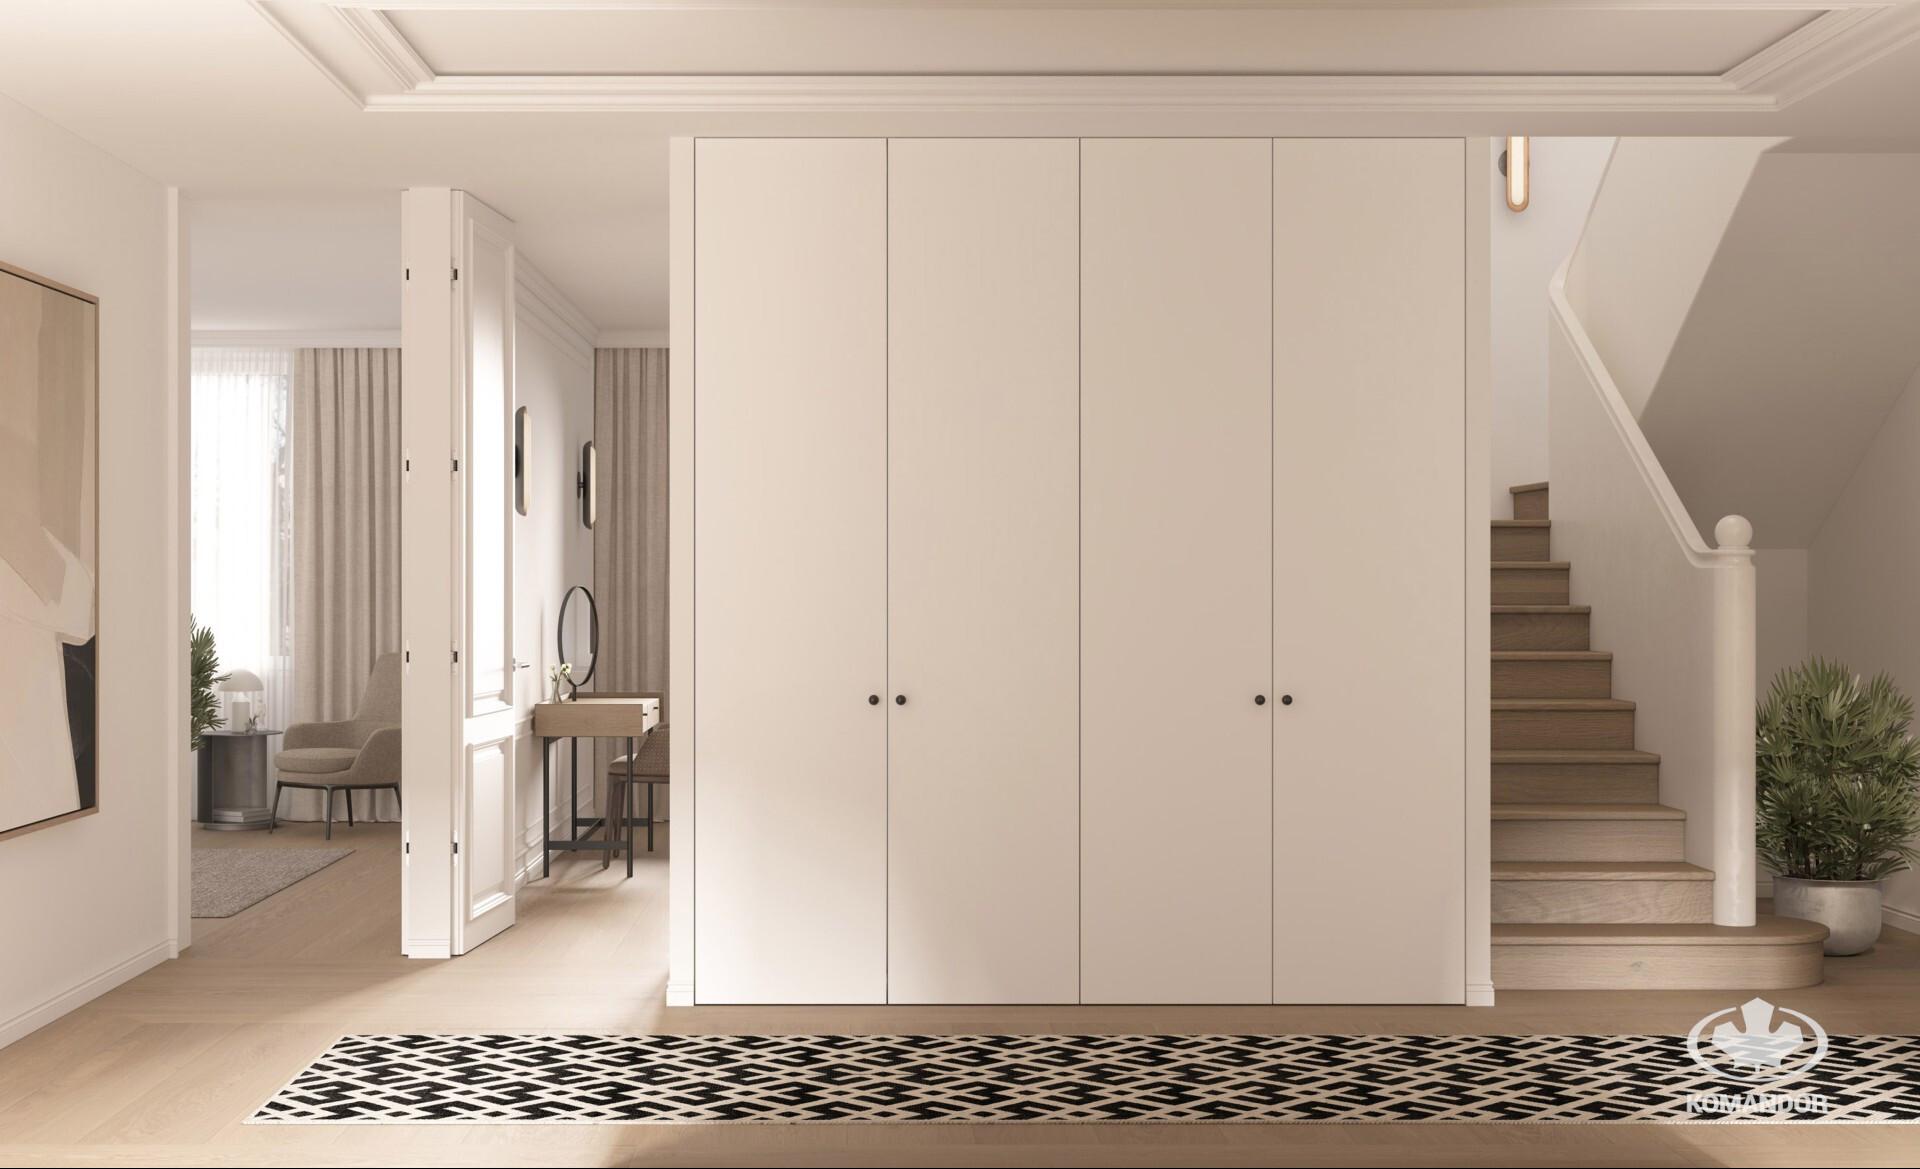 Egyszerű kialakítású, törtfehér színű nyílóajtós beépített szekrény